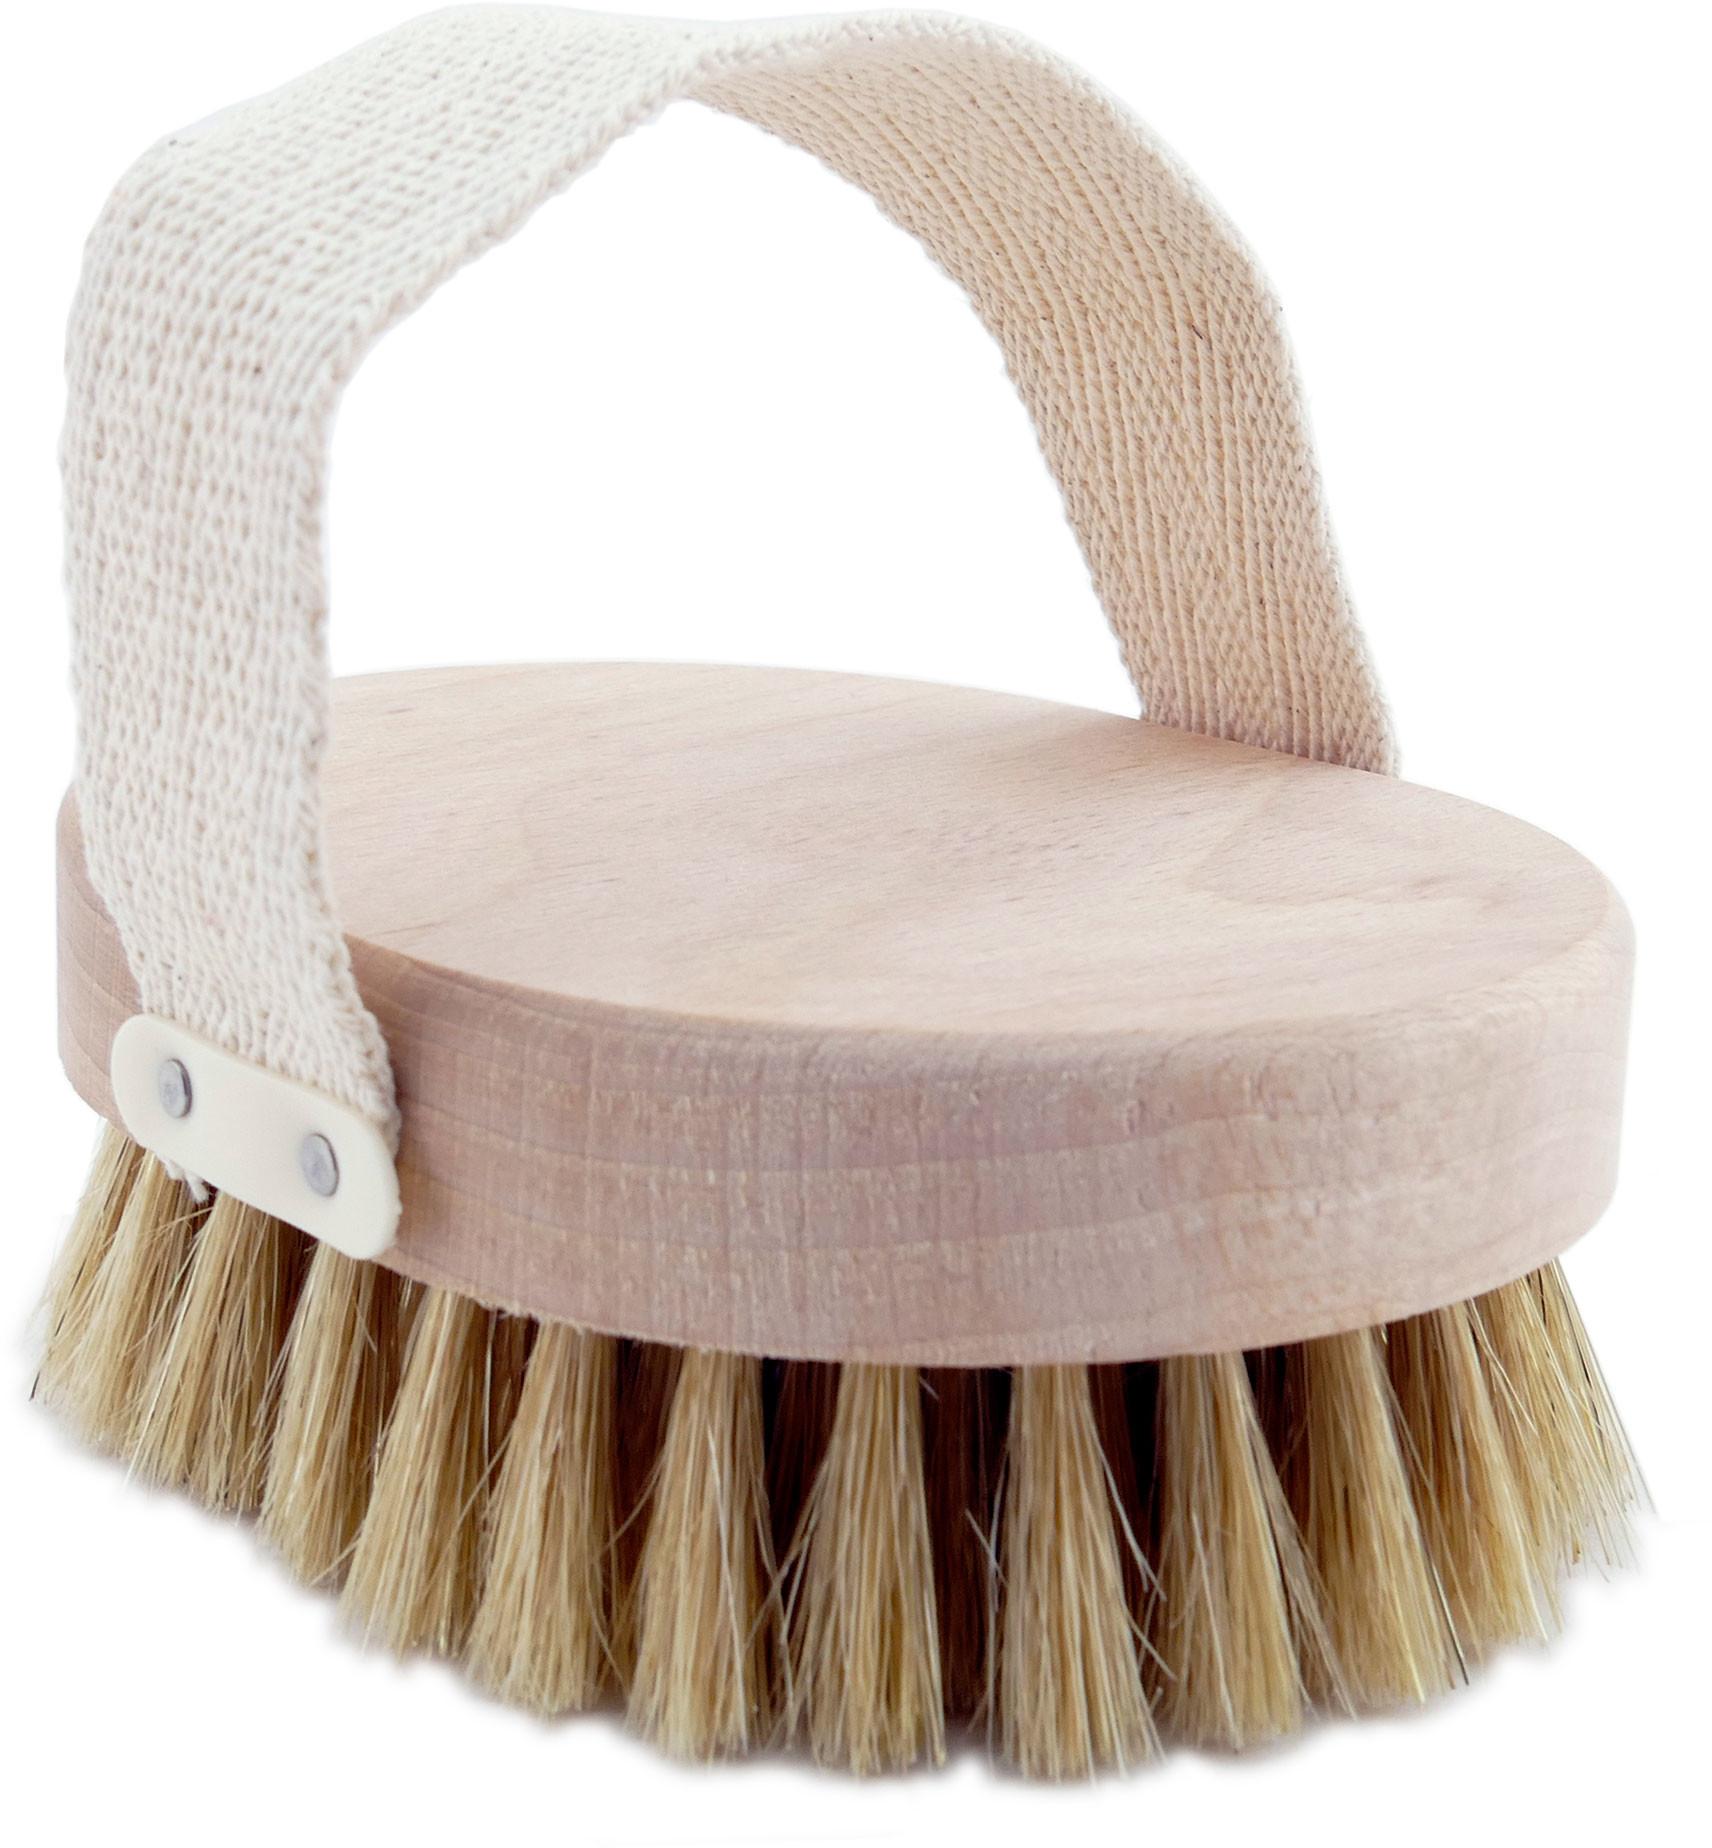 Szczotka do masażu z naturalnego włosia z paskiem